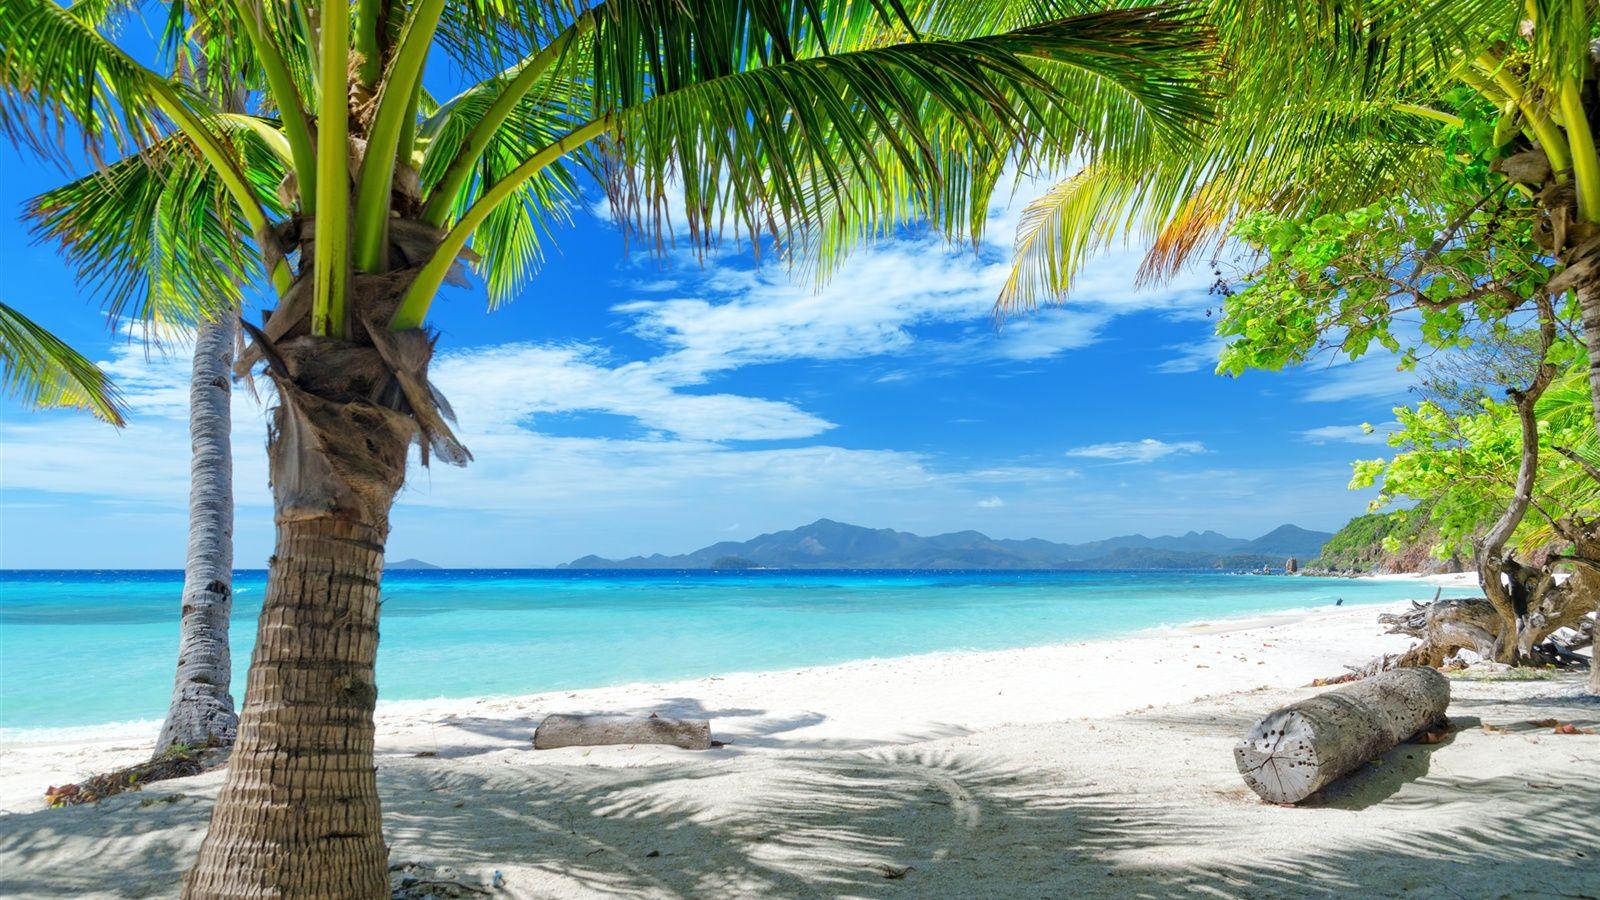 Http Ja Best Wallpaper Net Wallpaper 1600x900 1305 Summer Beach Sand Palm Trees 1600x900 Jpg トロピカルビーチ 美しい風景 風景